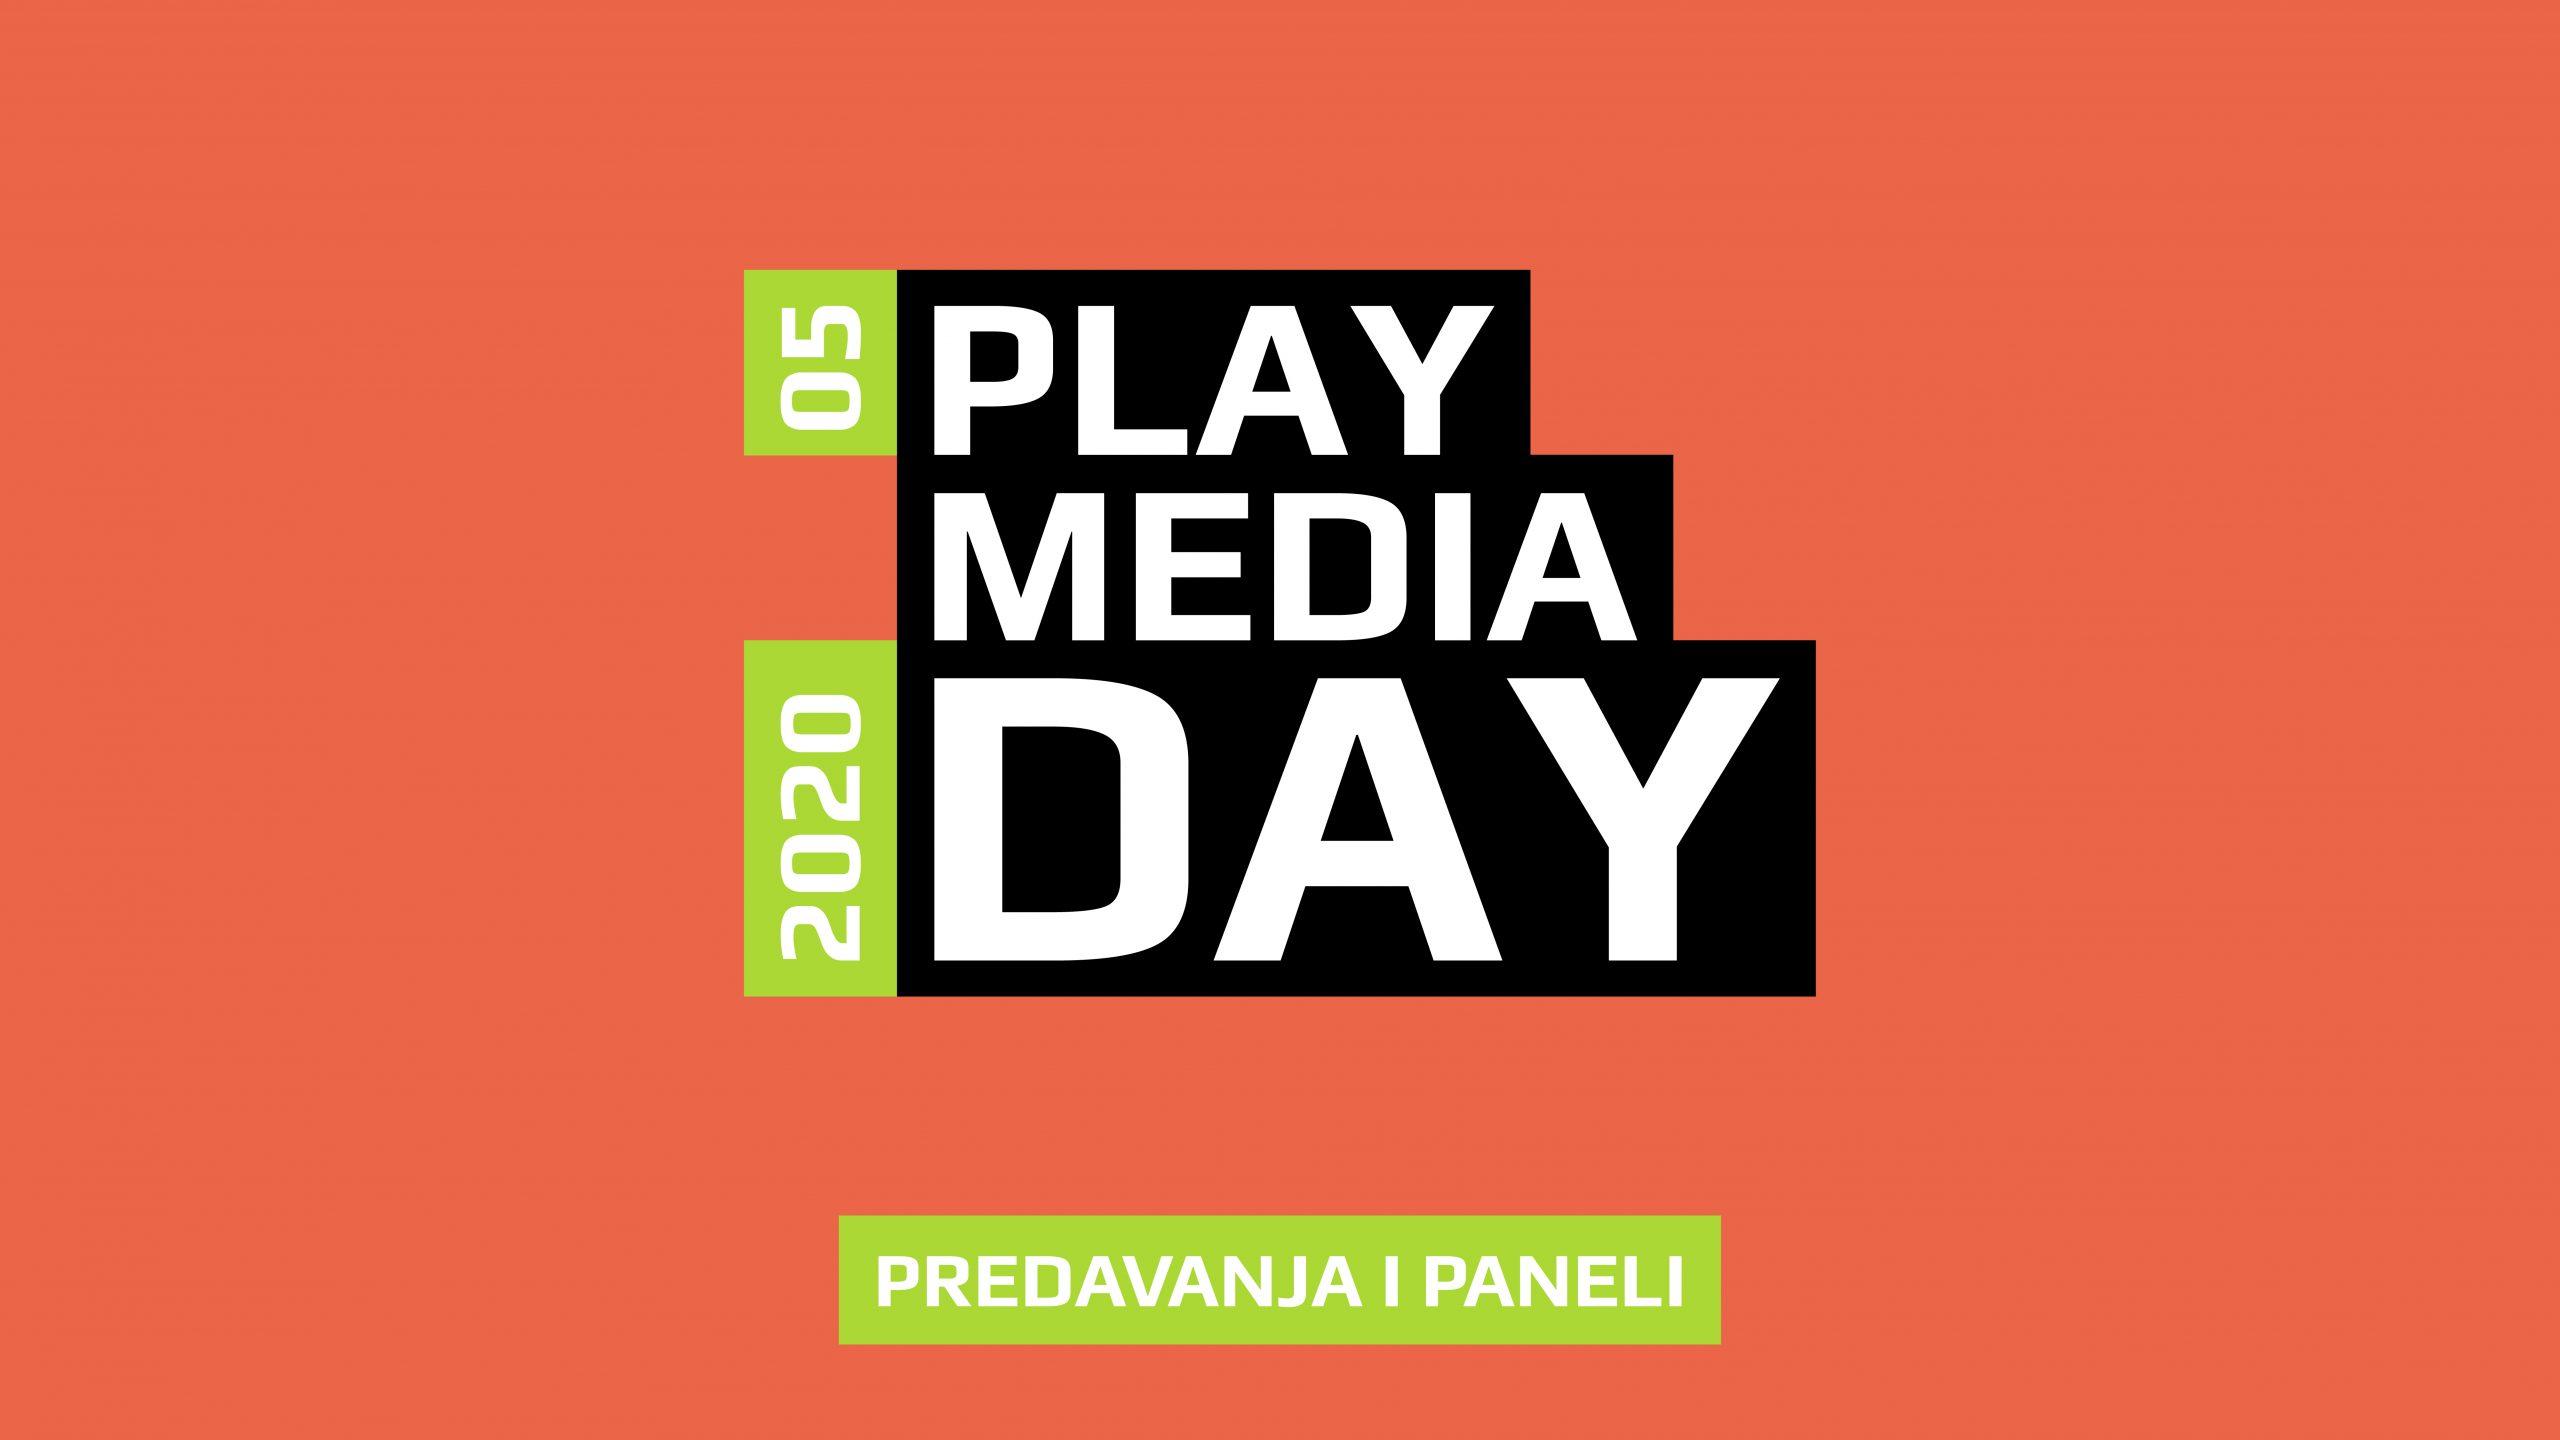 Kreativnost kao filozofija života? Kako pobijediti 2020. godinu? U petak ujutro počinje Play Media Day 05 online konferencija